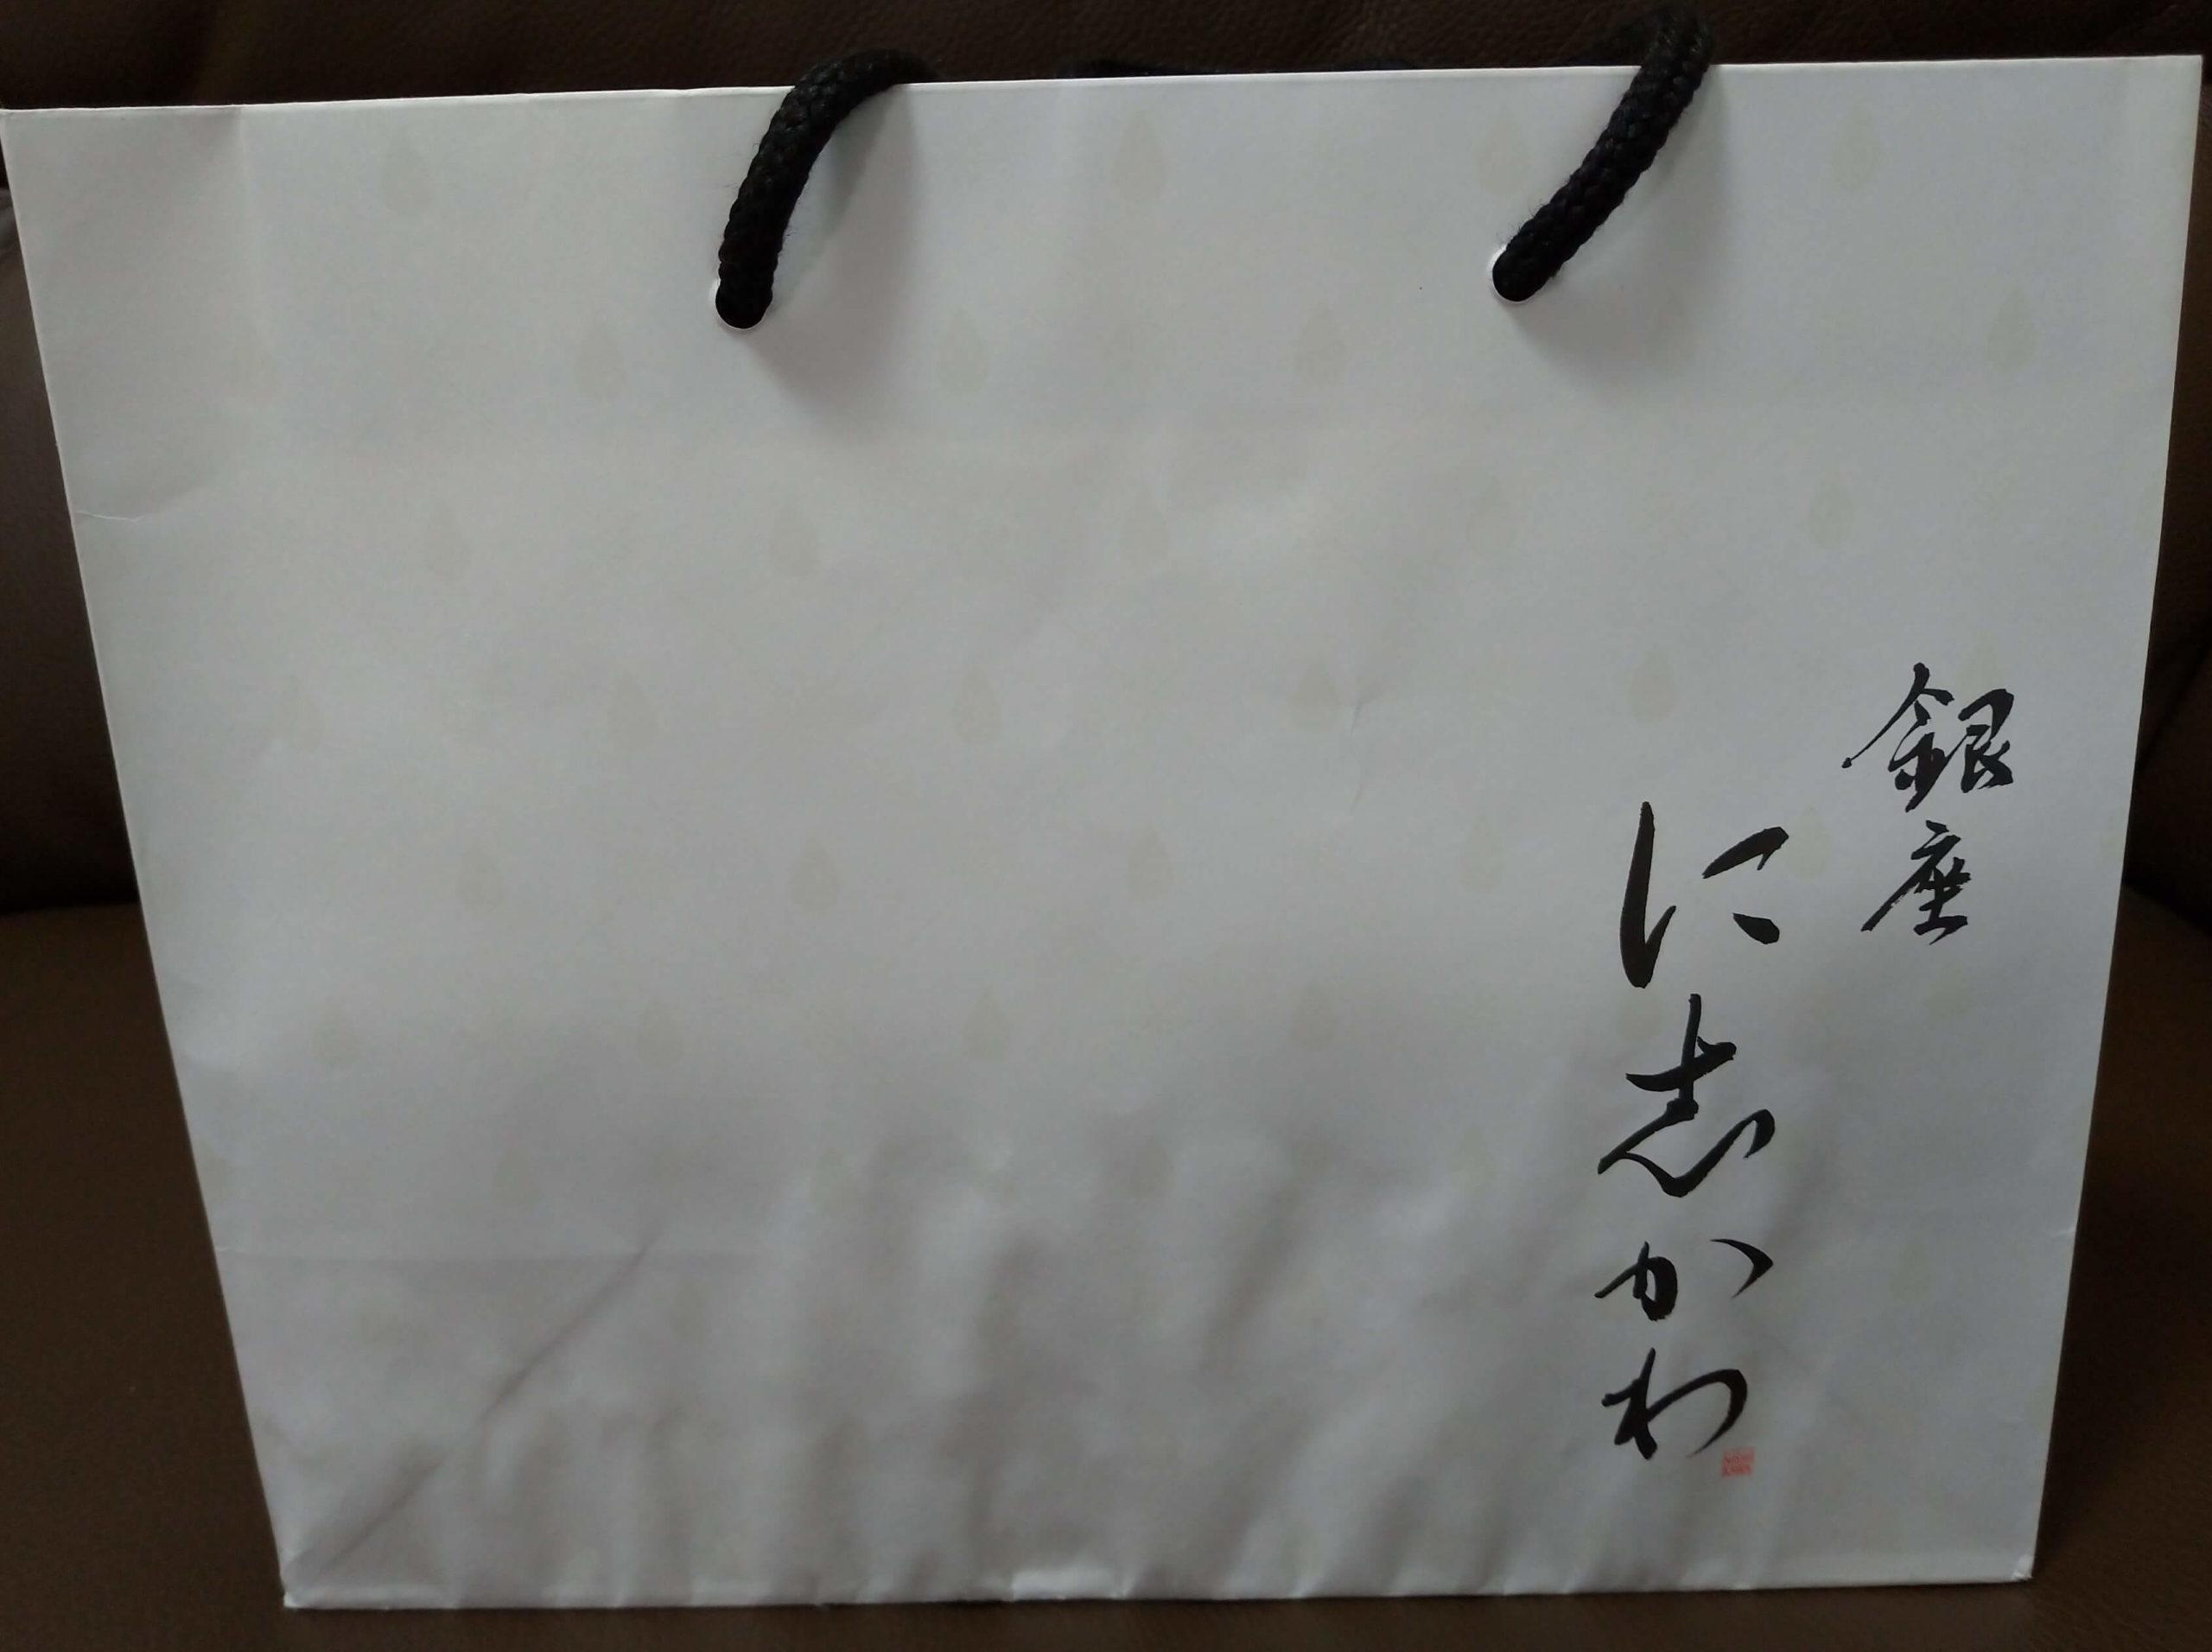 銀座 に志かわの紙袋画像